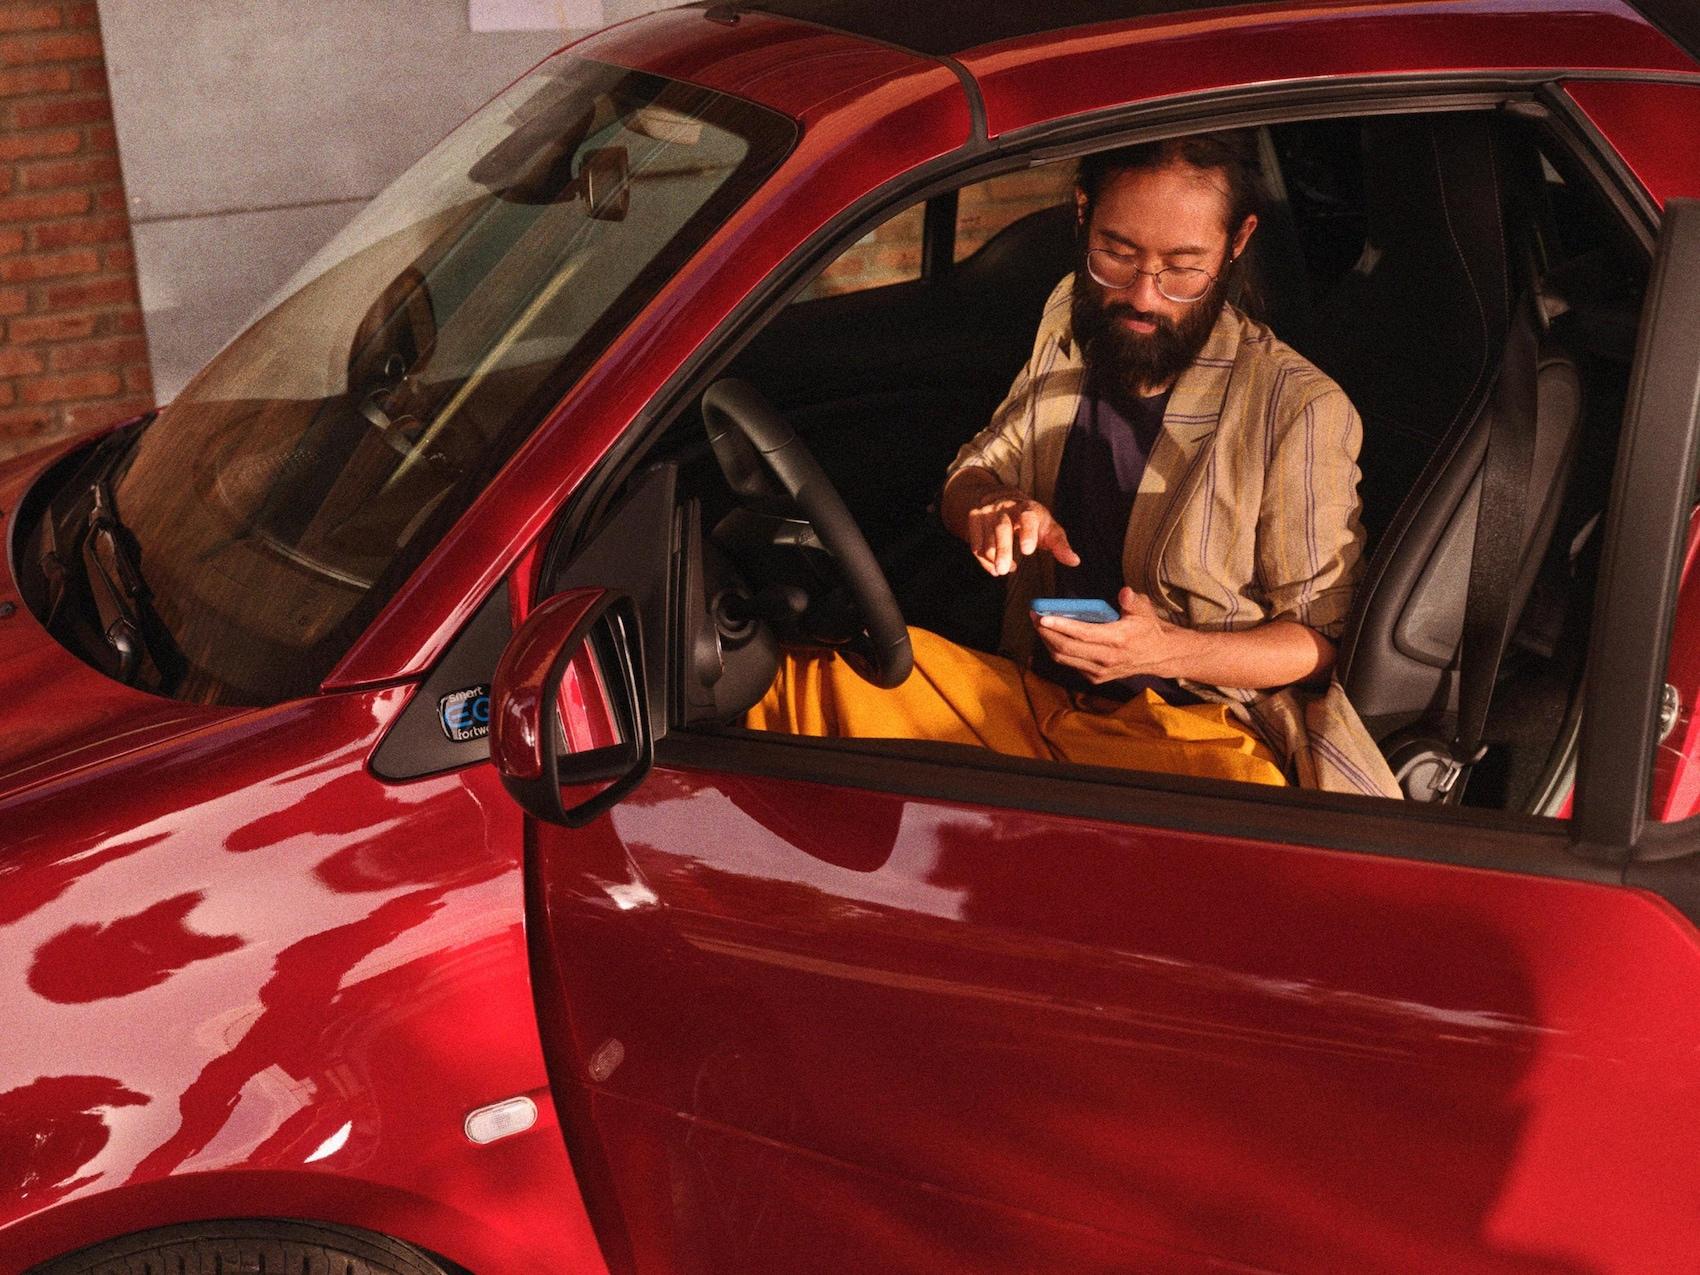 Un homme est assis dans une smart EQ fortwo et regarde son téléphone portable.